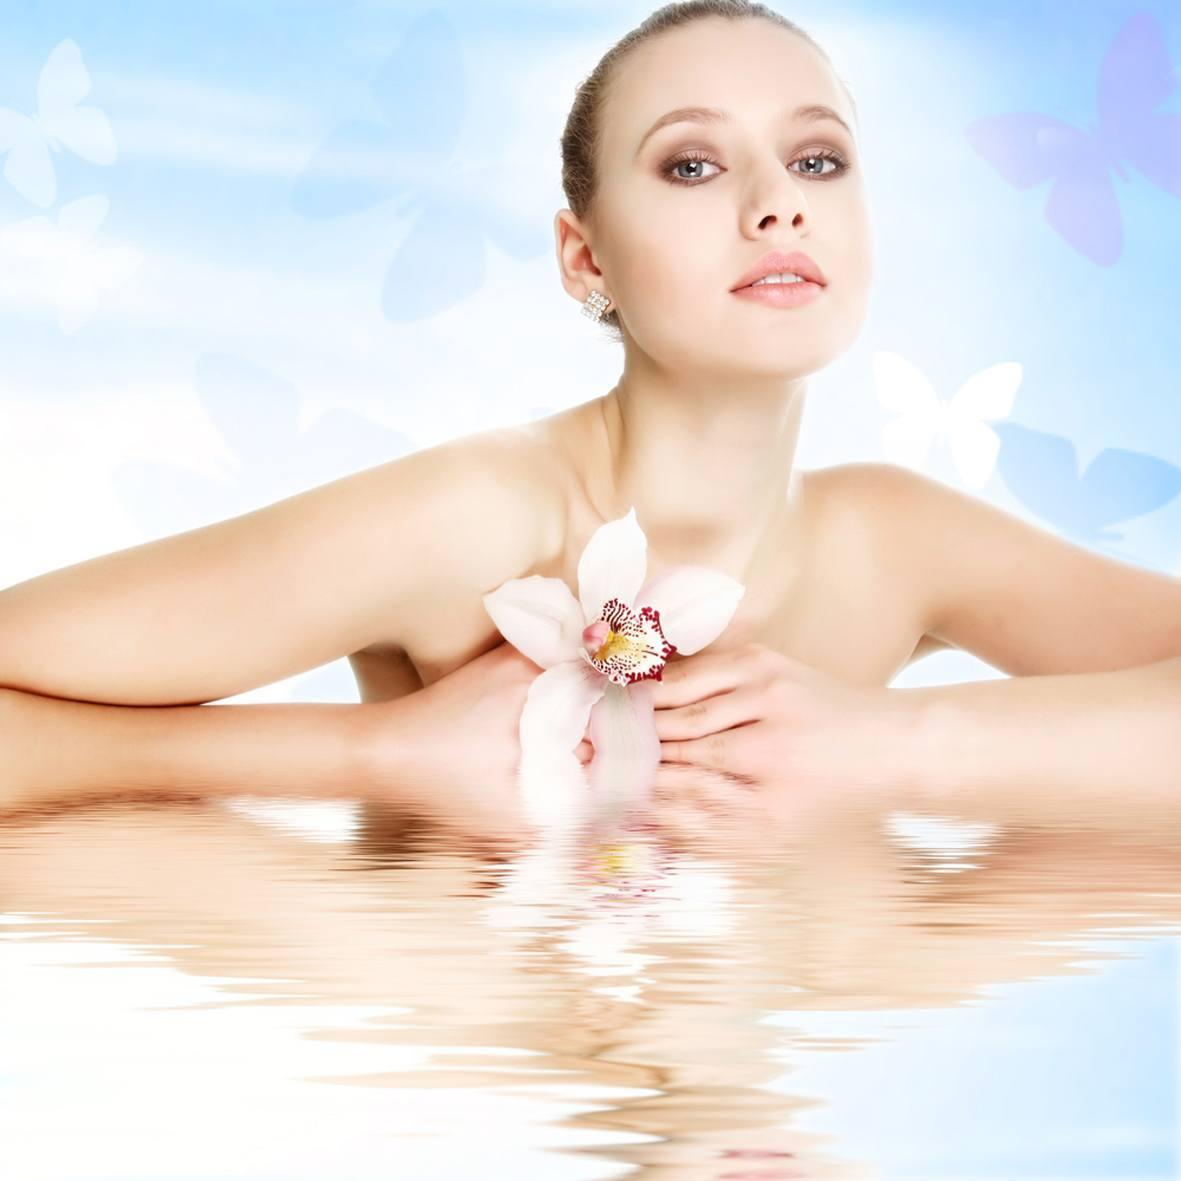 como hacer cremas y exfoliante corporal cosmetologia natutal artesanal